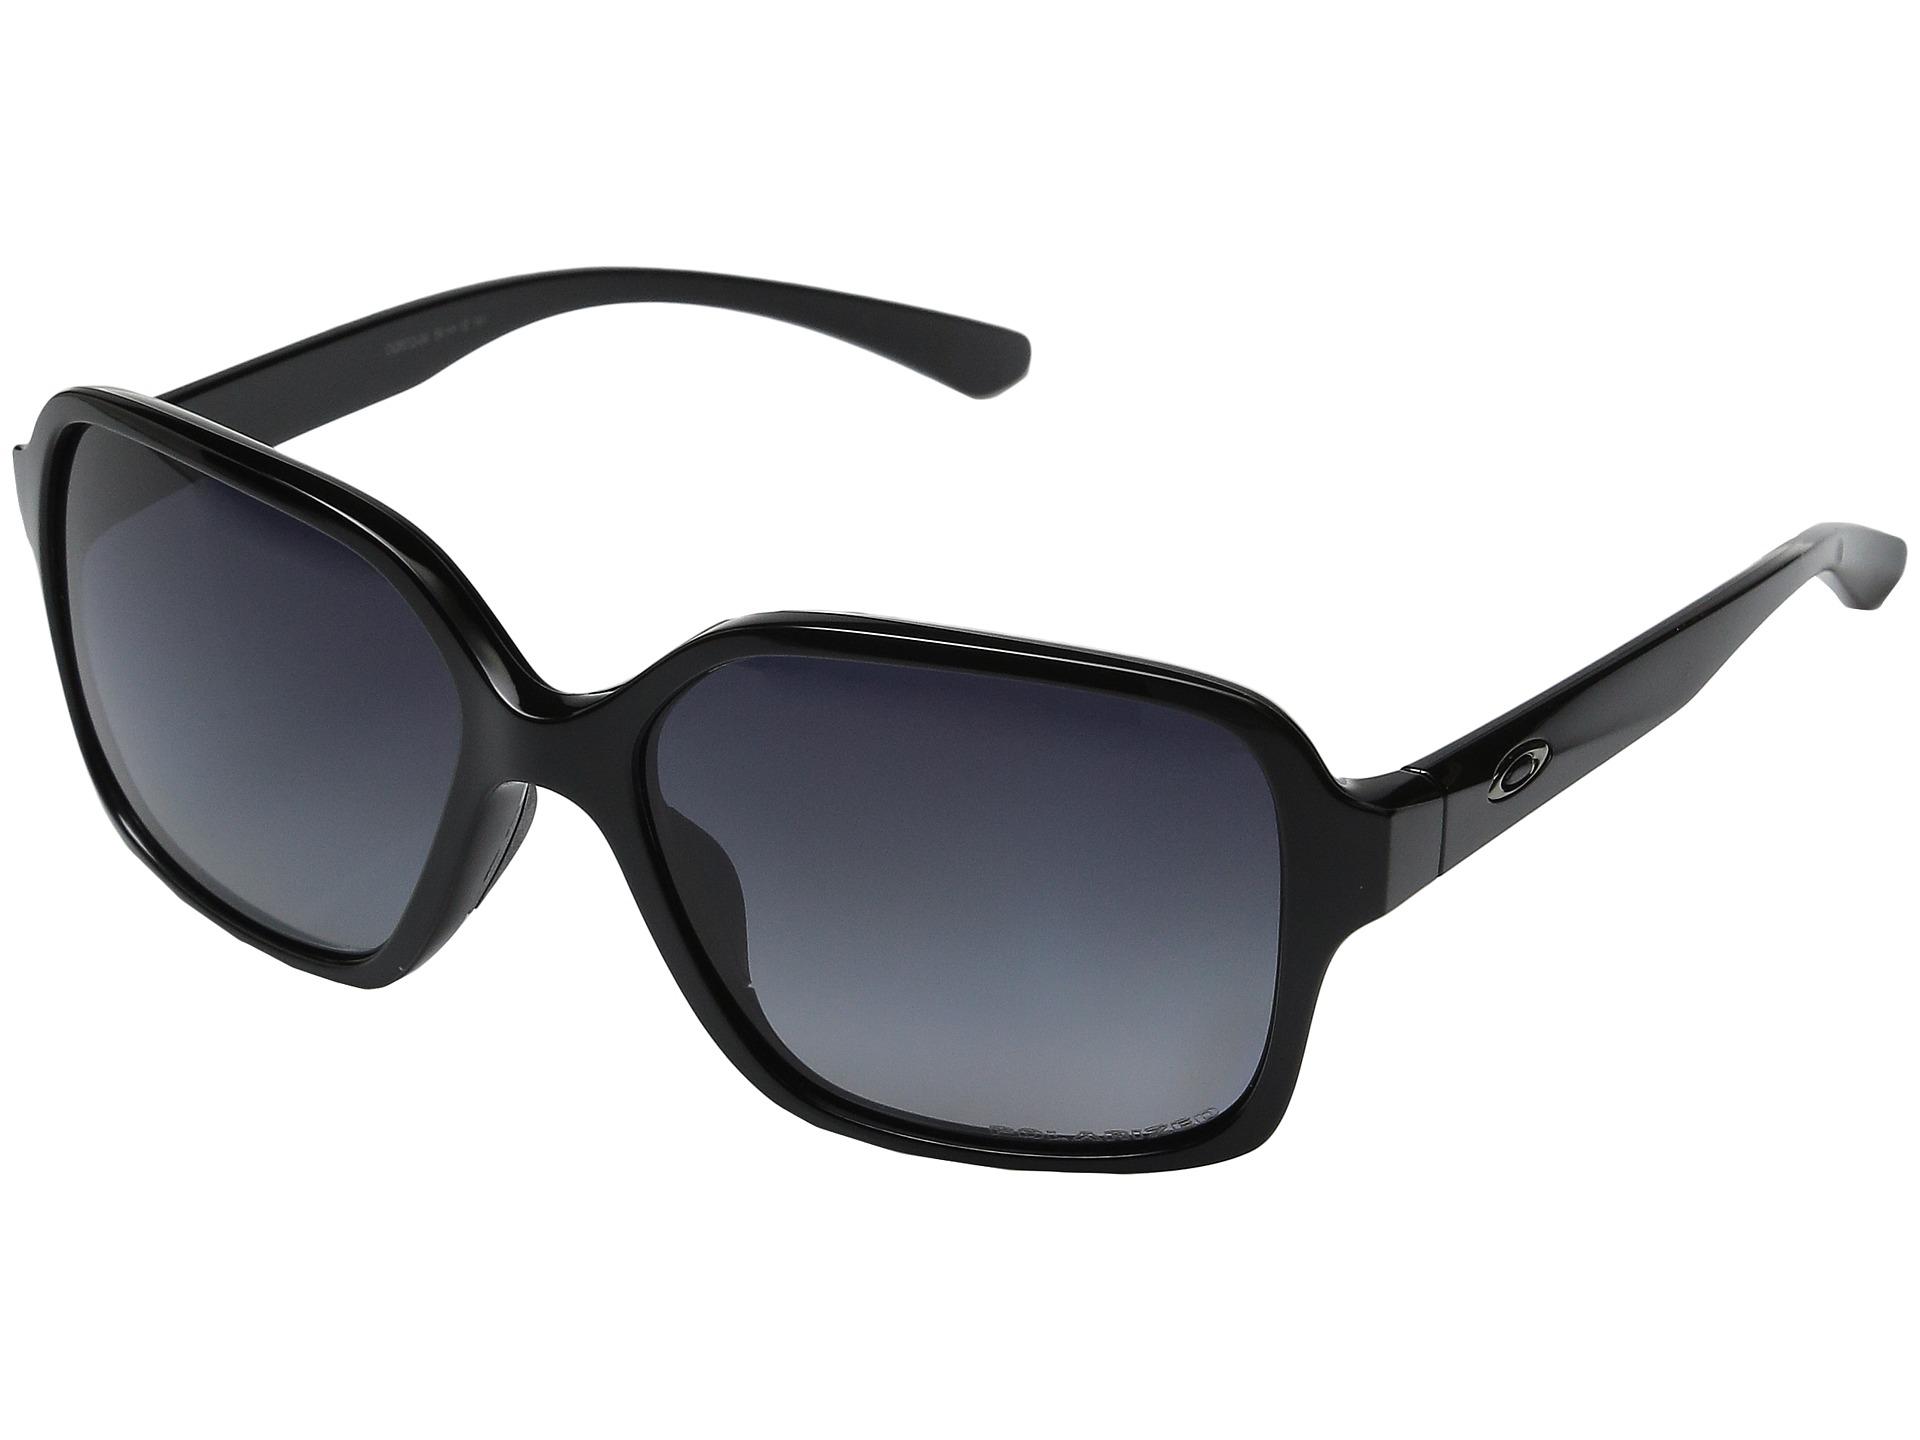 34f2757a24 Zappos Sunglasses Oakley « Heritage Malta